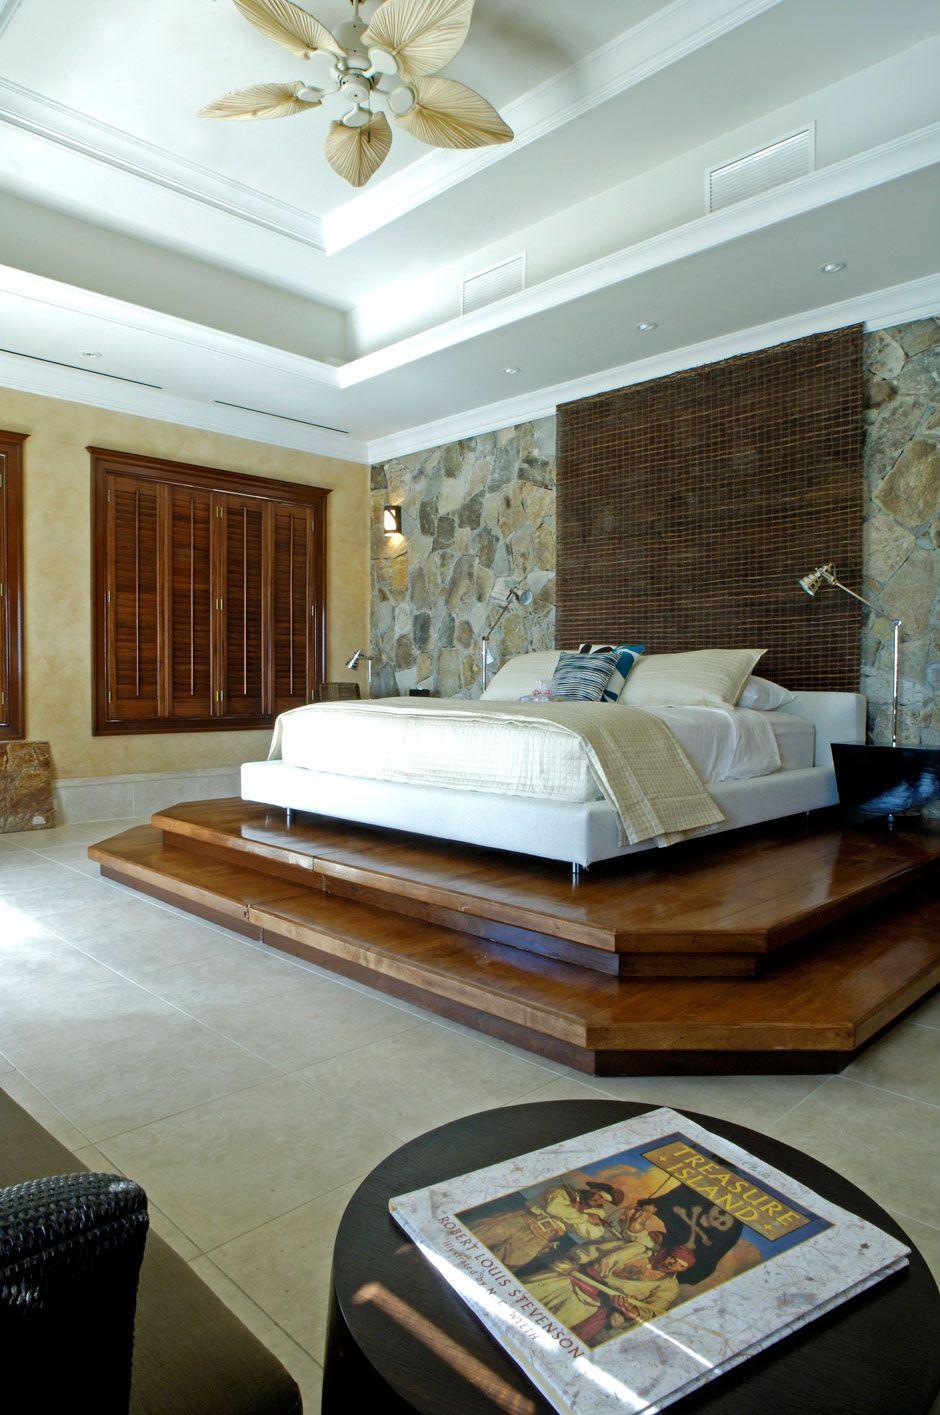 Falcon S Nest Luxury Honeymoon Honeymoon Resorts Resort